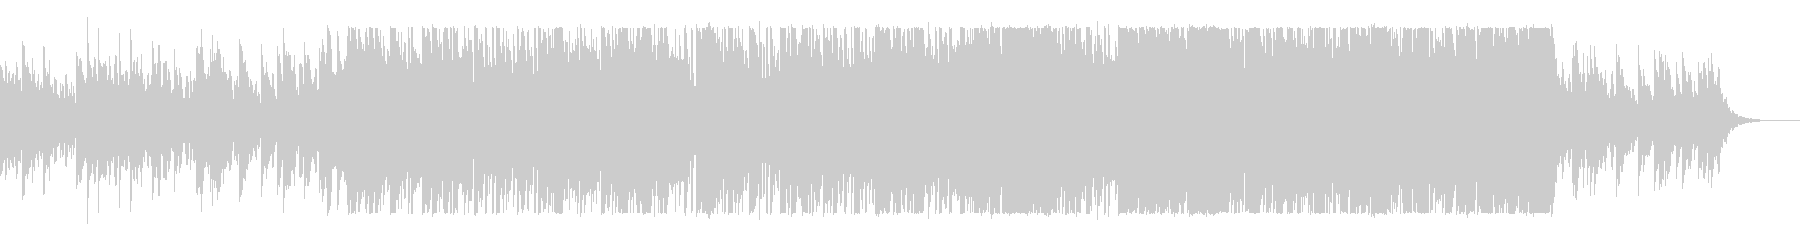 ベートーベン・悲壮 オルゴール+バンドの未再生の波形